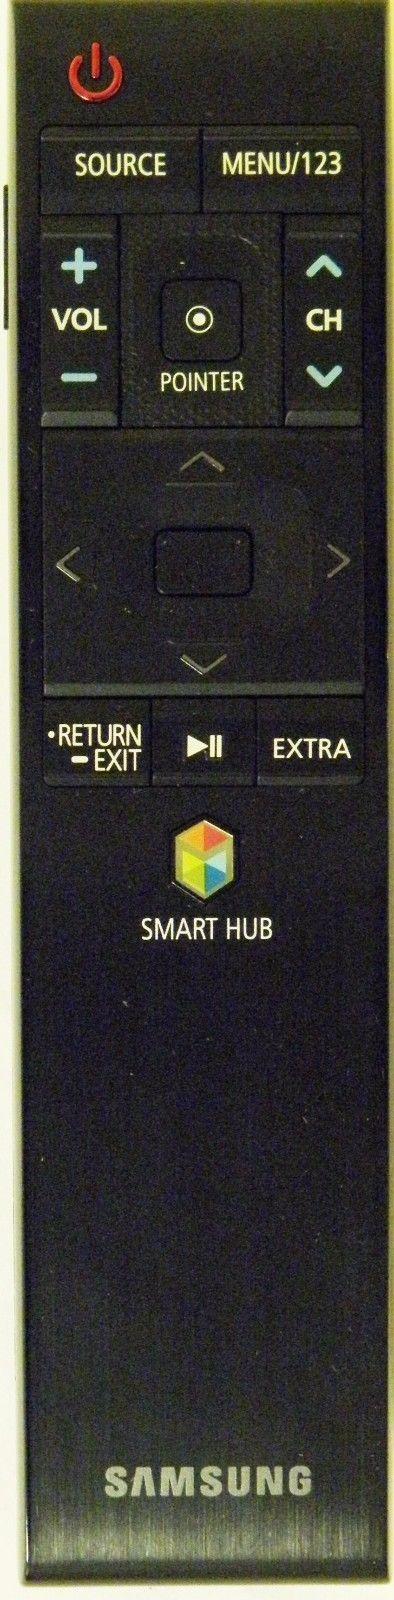 Samsung BN59-01220E Smart UHD TV Remote Control